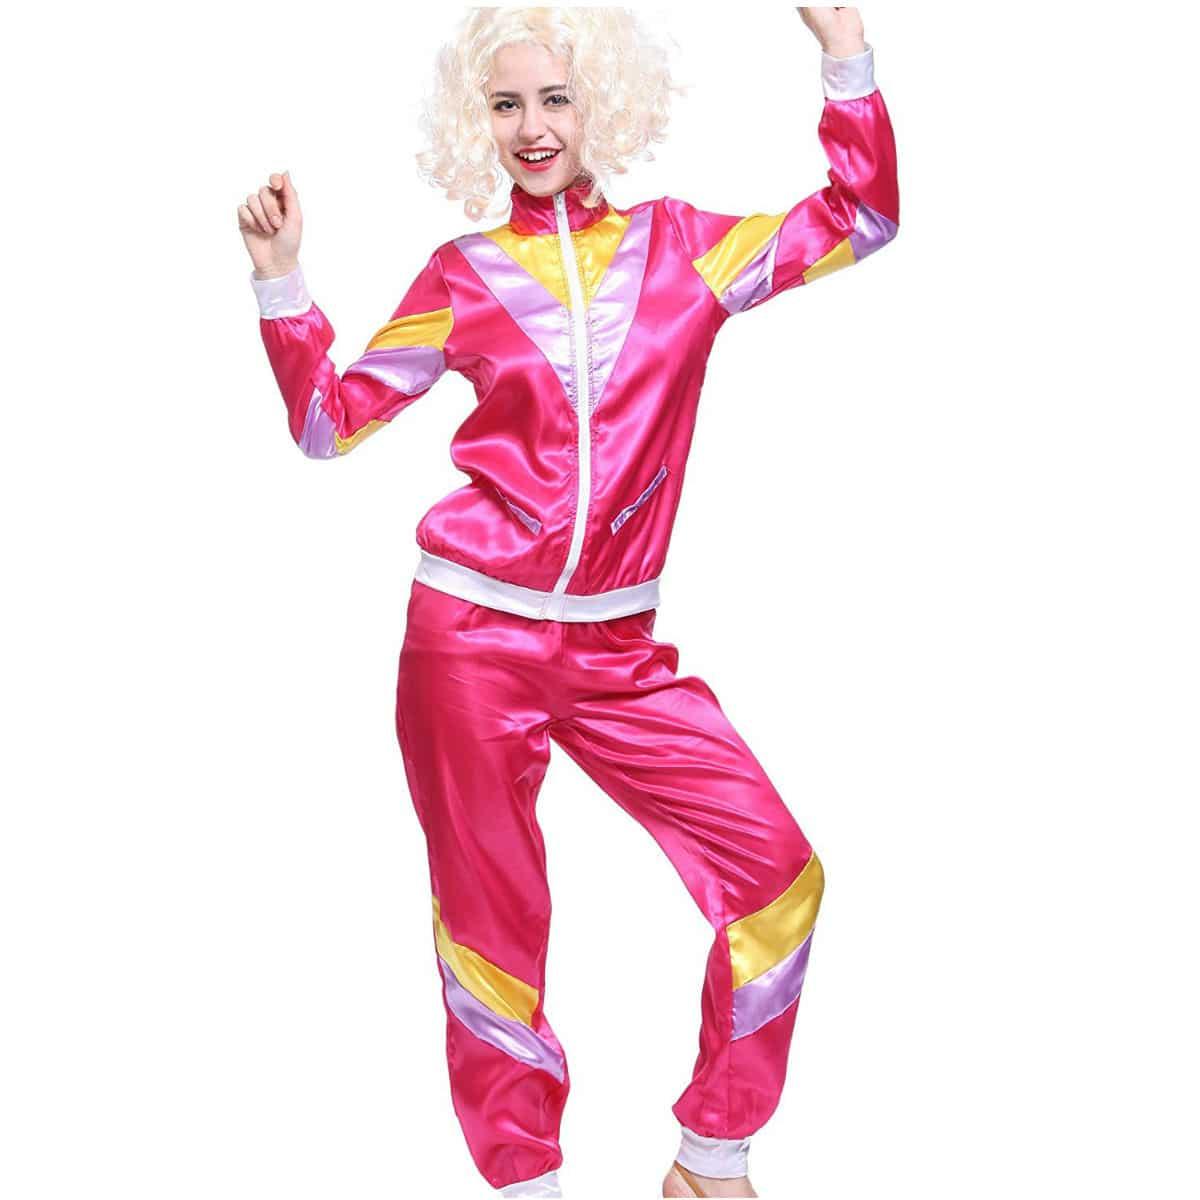 Disfraz ochentero Chándal para Mujer Color Rosa Disfraces de los años 80 Deportiva Retro 80s